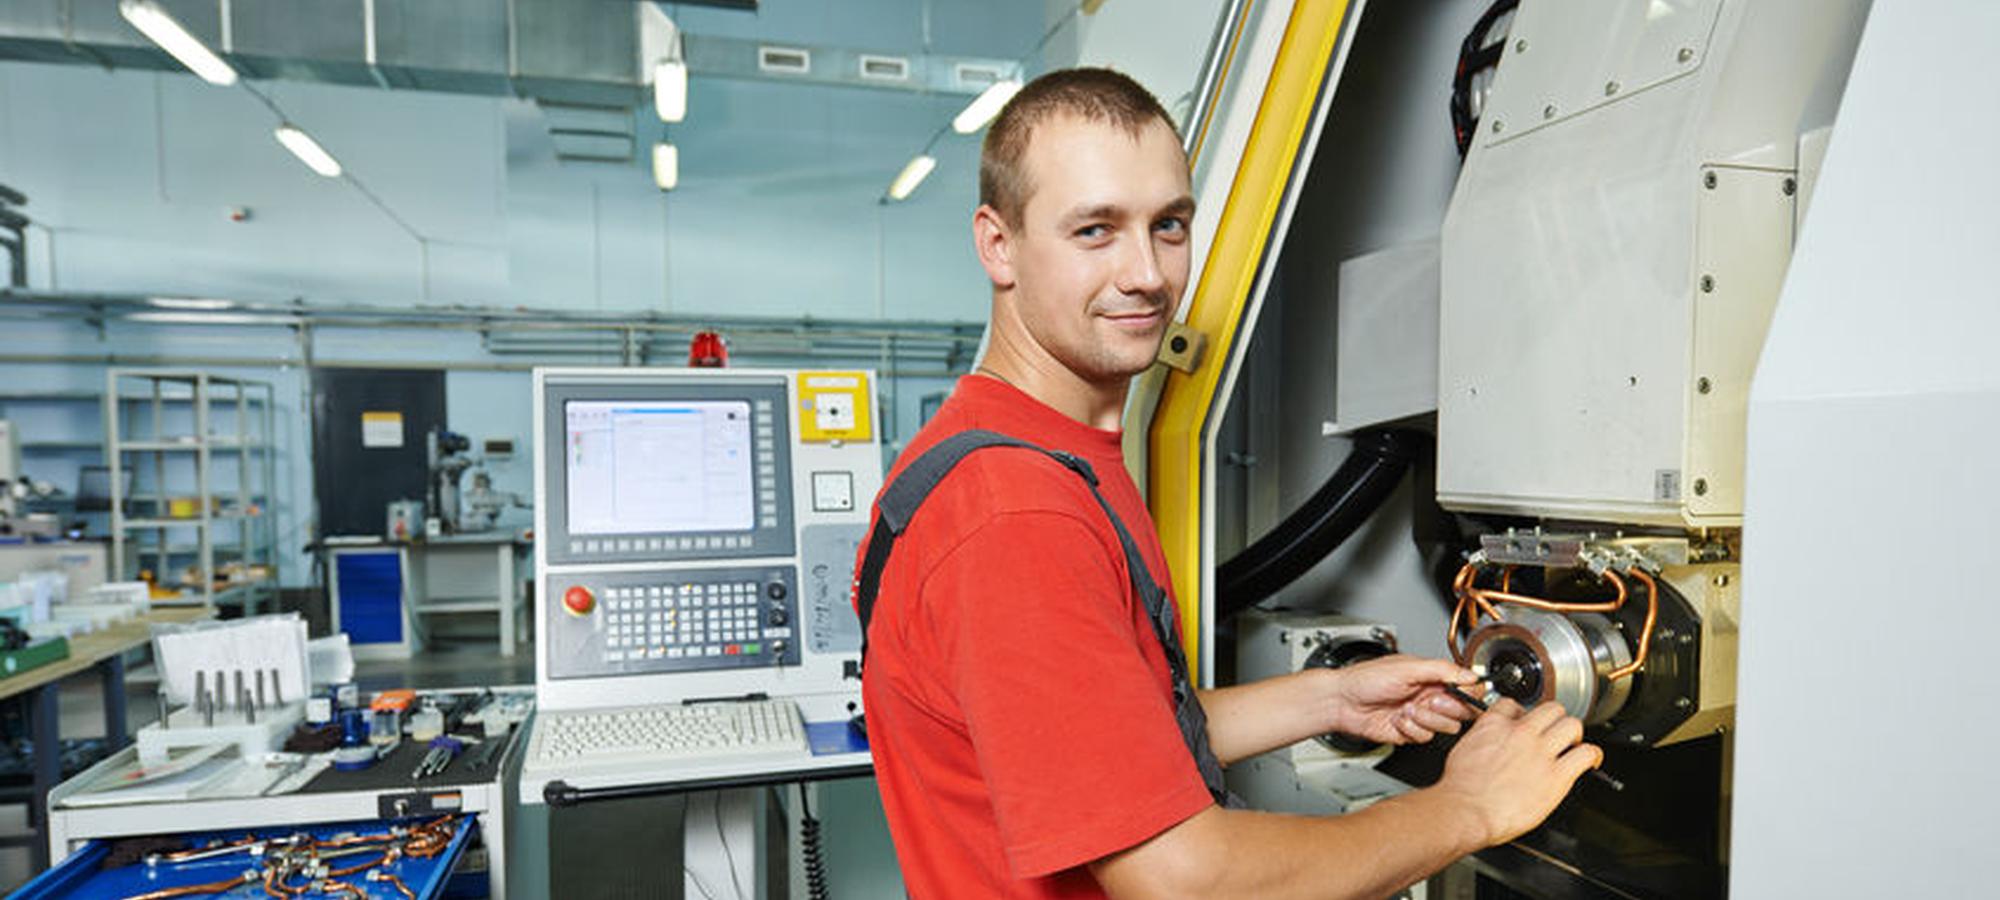 Engineer-at-machine-slider2